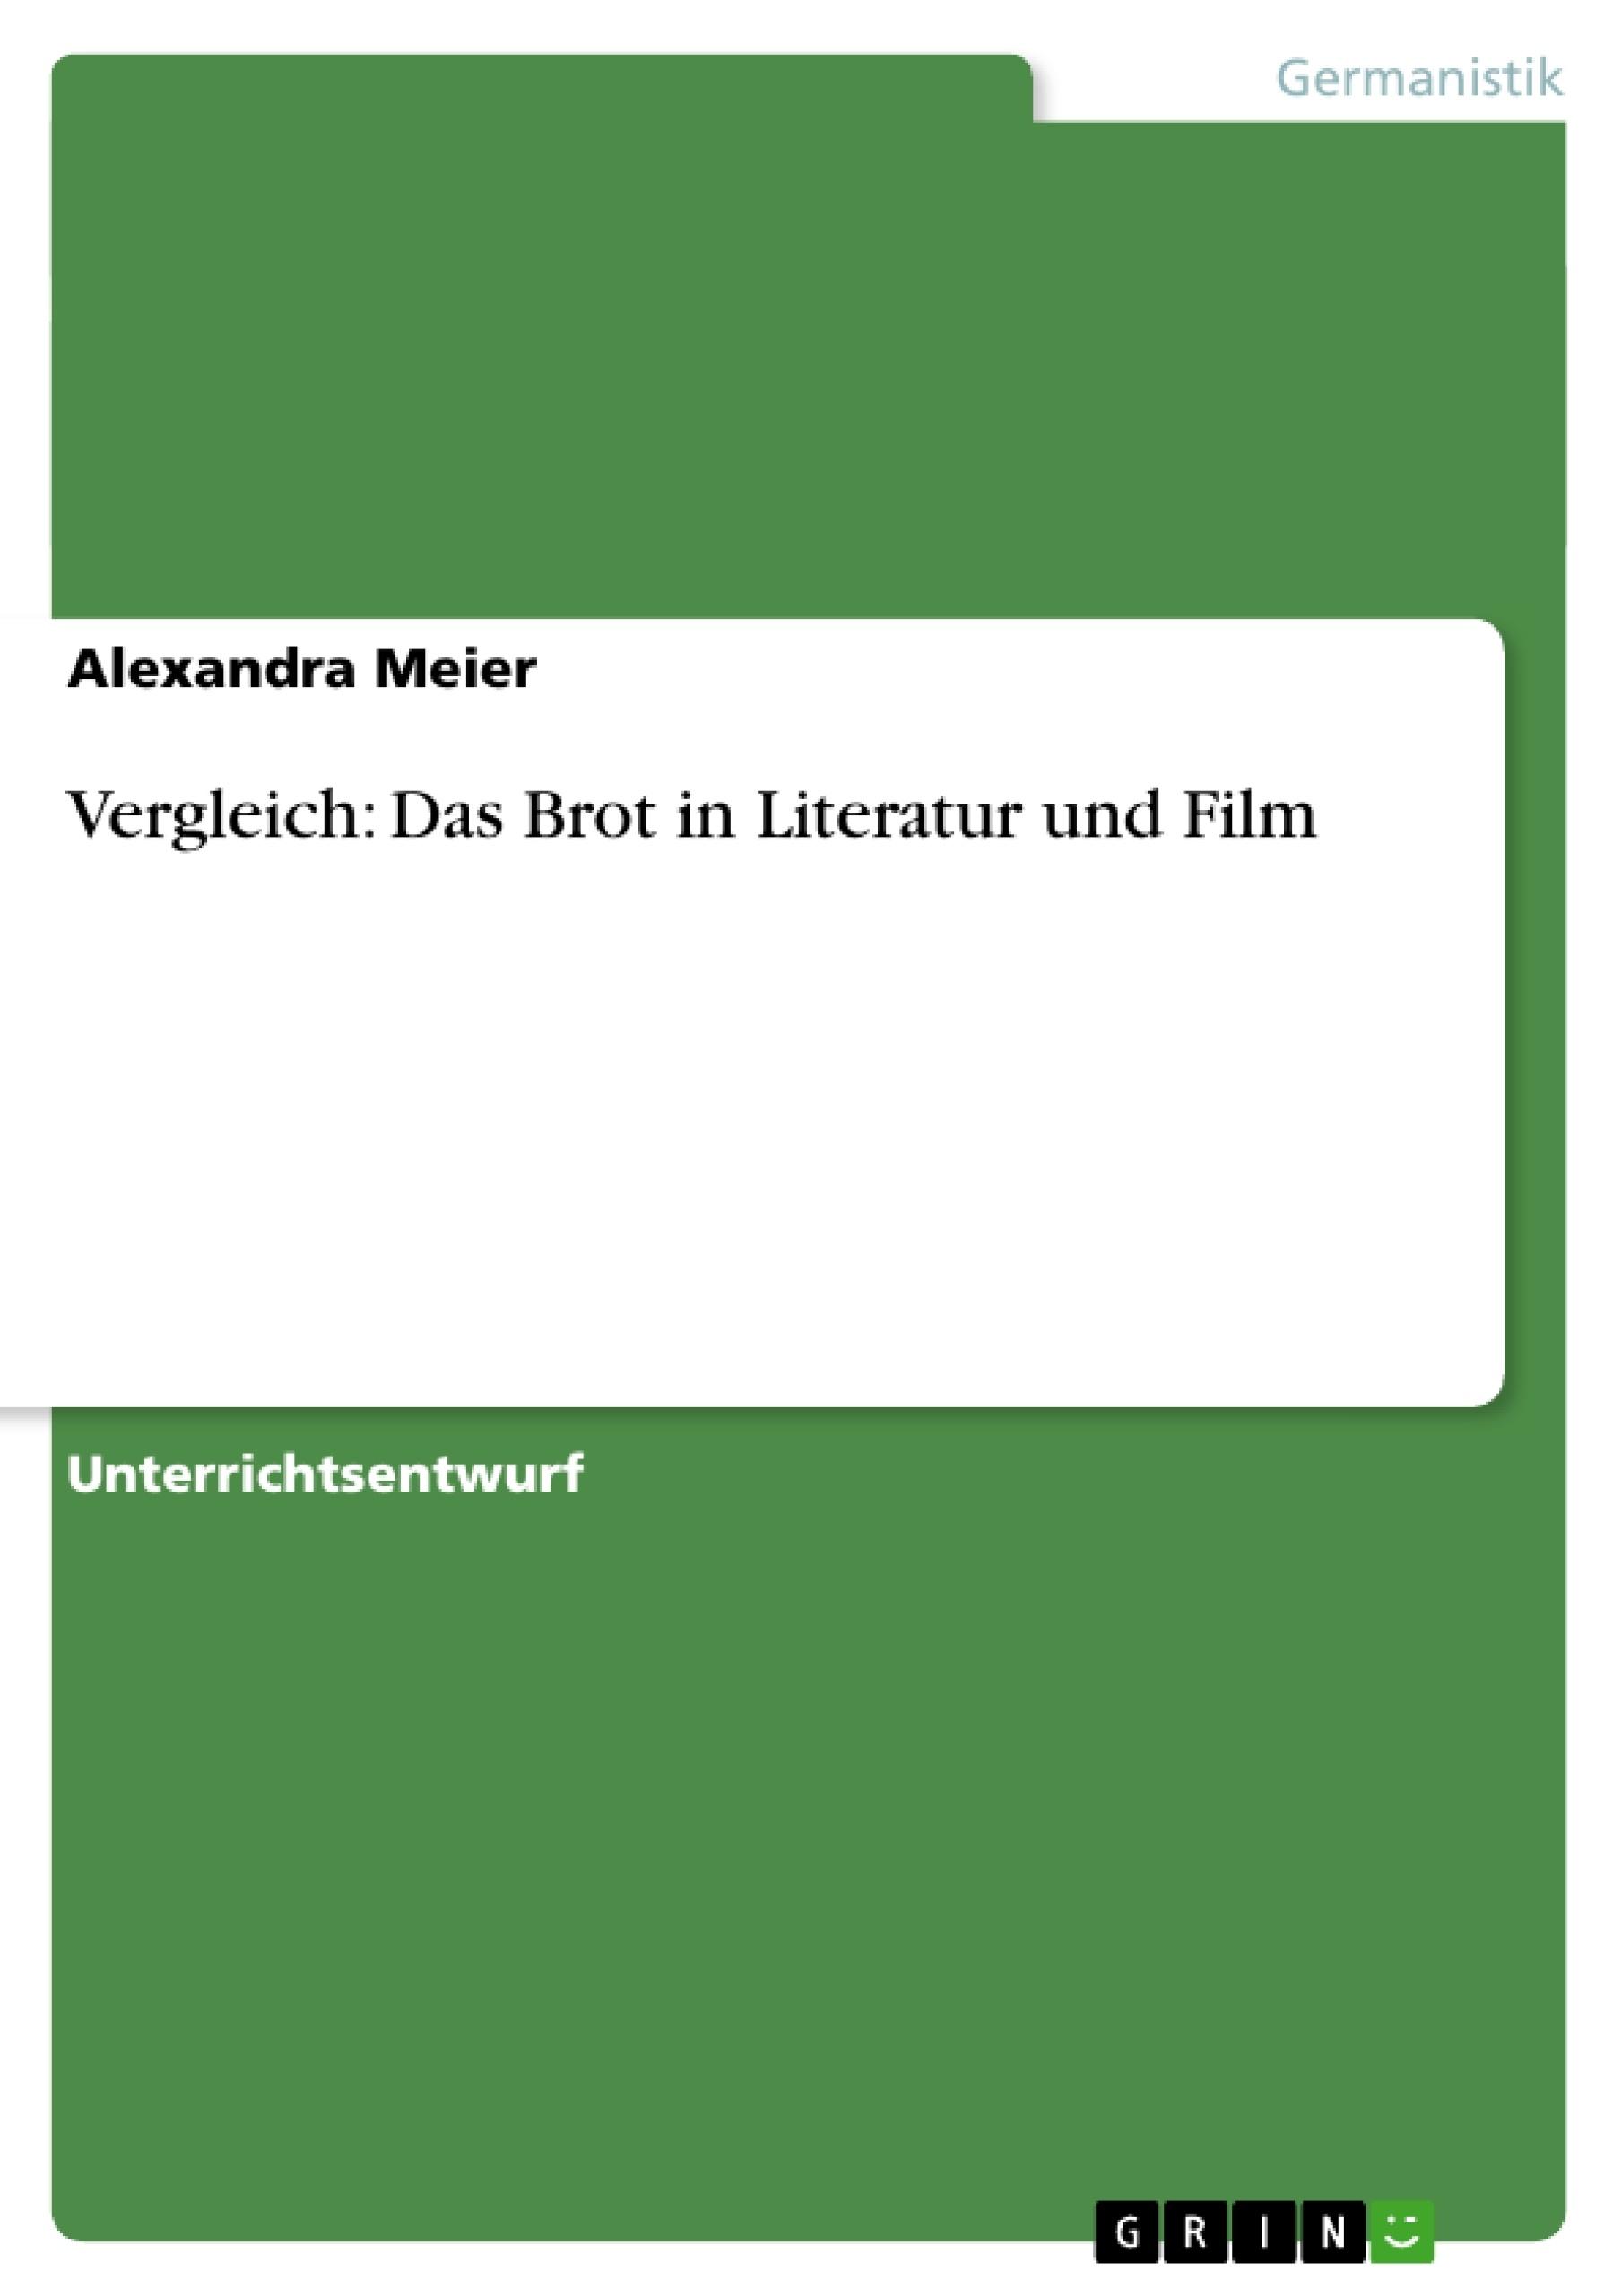 Titel: Vergleich: Das Brot in Literatur und Film